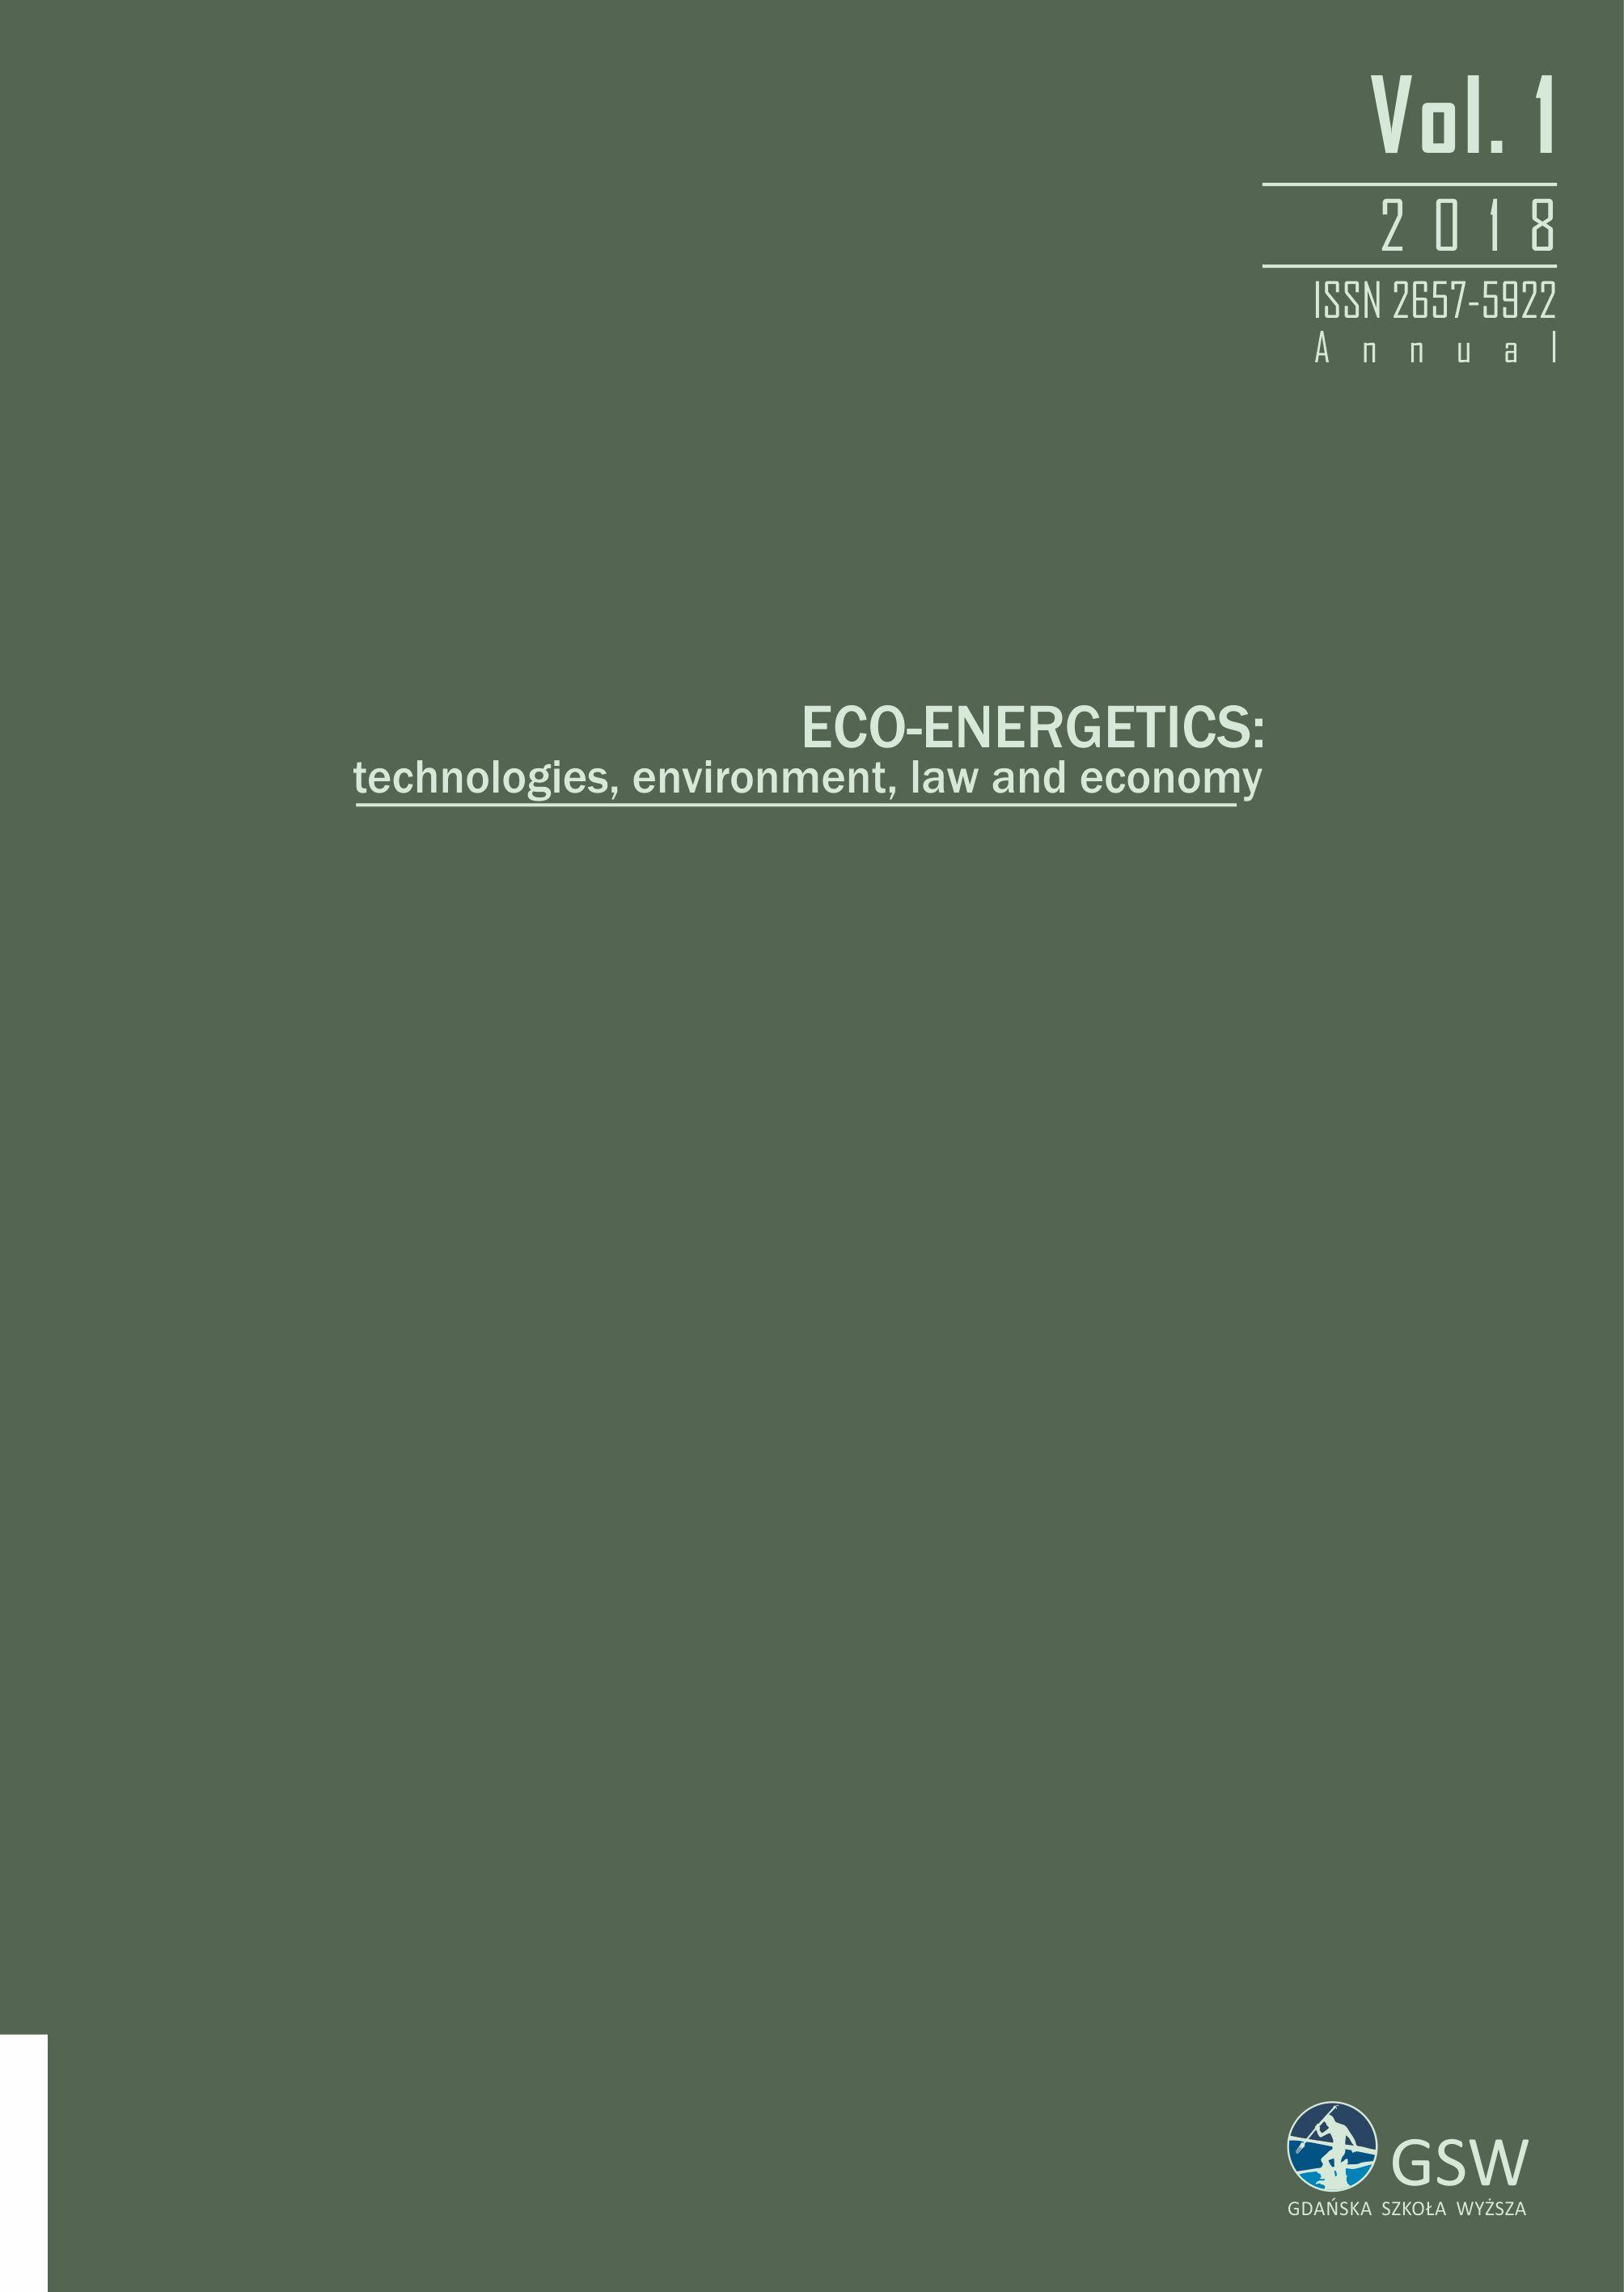 Eco-Energetics, vol. 1 - pierwsza strona okładki